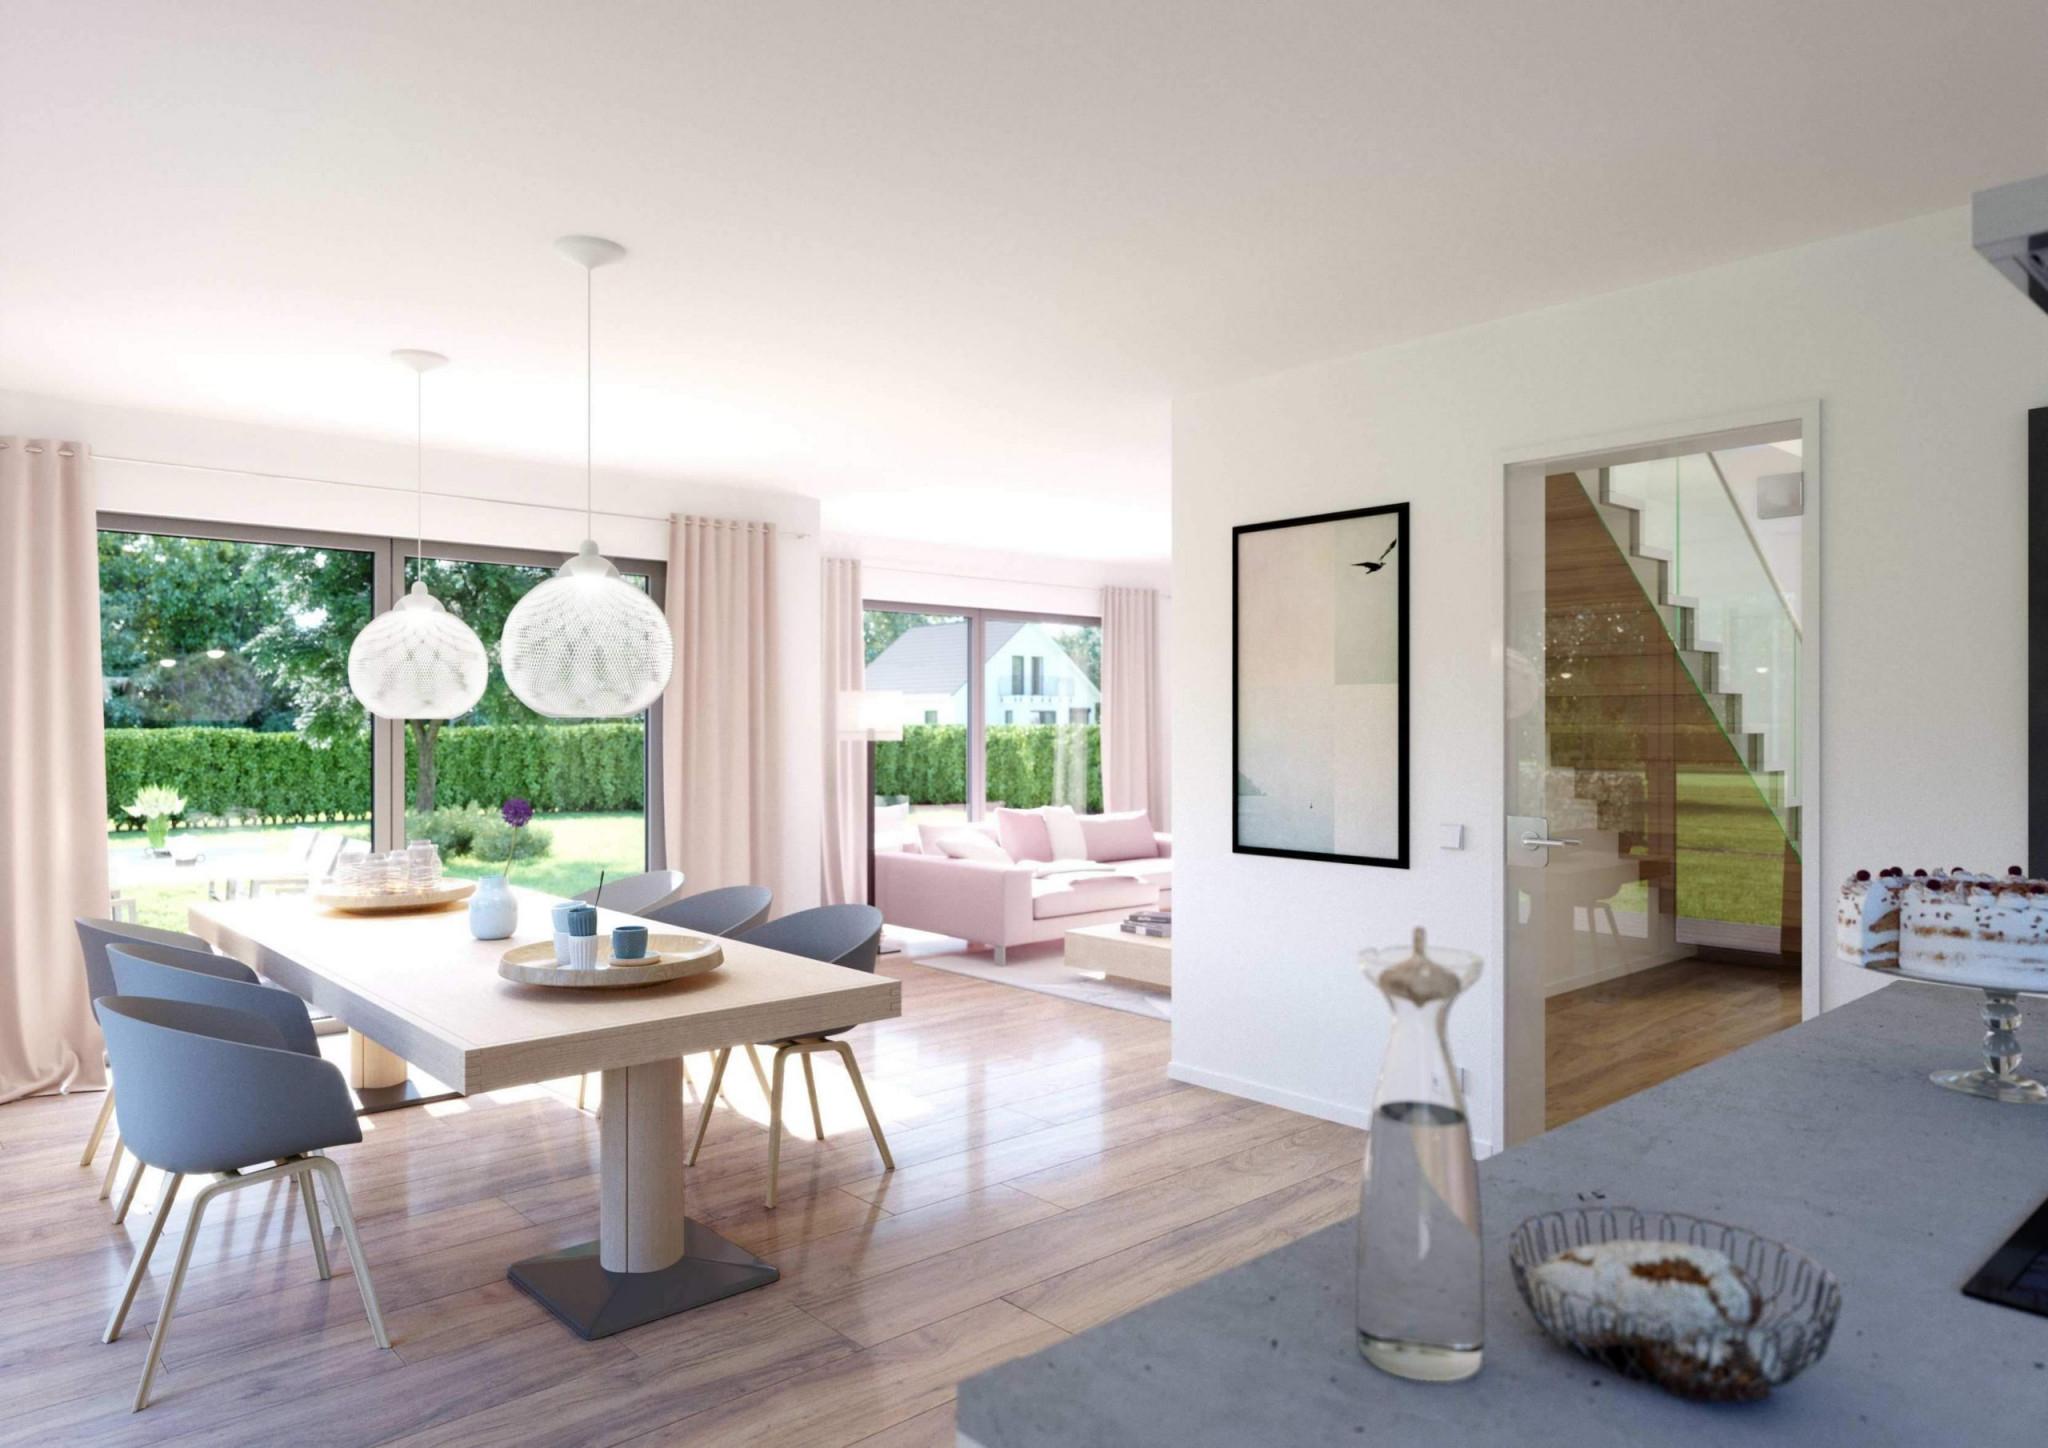 30 Luxus Kleines Wohnzimmer Mit Essbereich Einrichten von Wohnzimmer Elegant Gestalten Bild